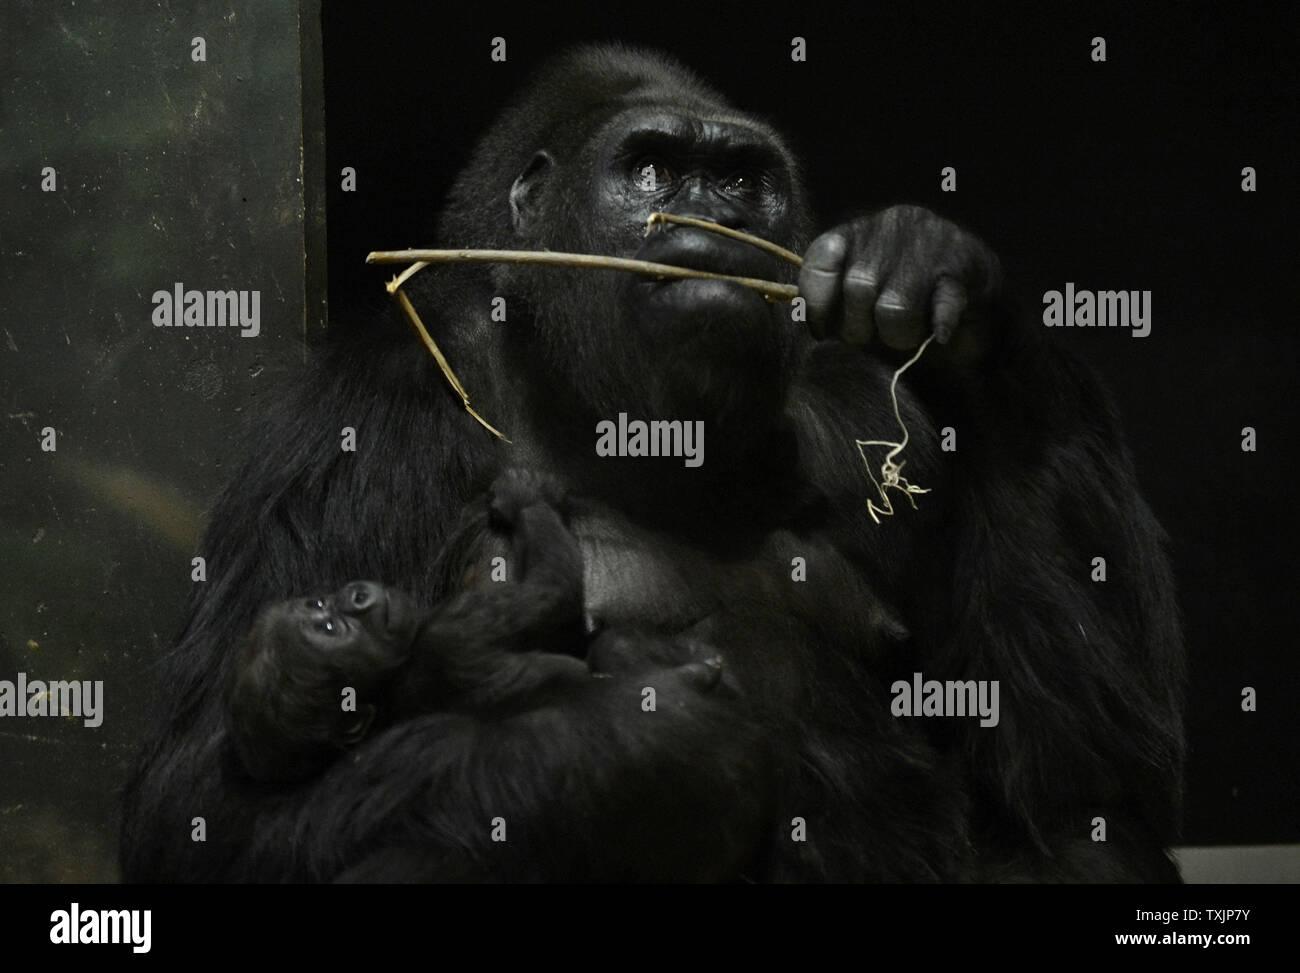 Bana, un pericolo pianura occidentale gorilla, mantiene il suo neonato Patty presso il Lincoln Park Zoo il 13 novembre 2012 a Chicago. Patty è nato nel mese di ottobre, ma sorvegliato in modo così stretto da sua madre che ha preso un mese prima lo zoo di cura degli animali il personale per determinare con certezza il neonato era una femmina, annunciando i risultati martedì. UPI/Brian Kersey Immagini Stock